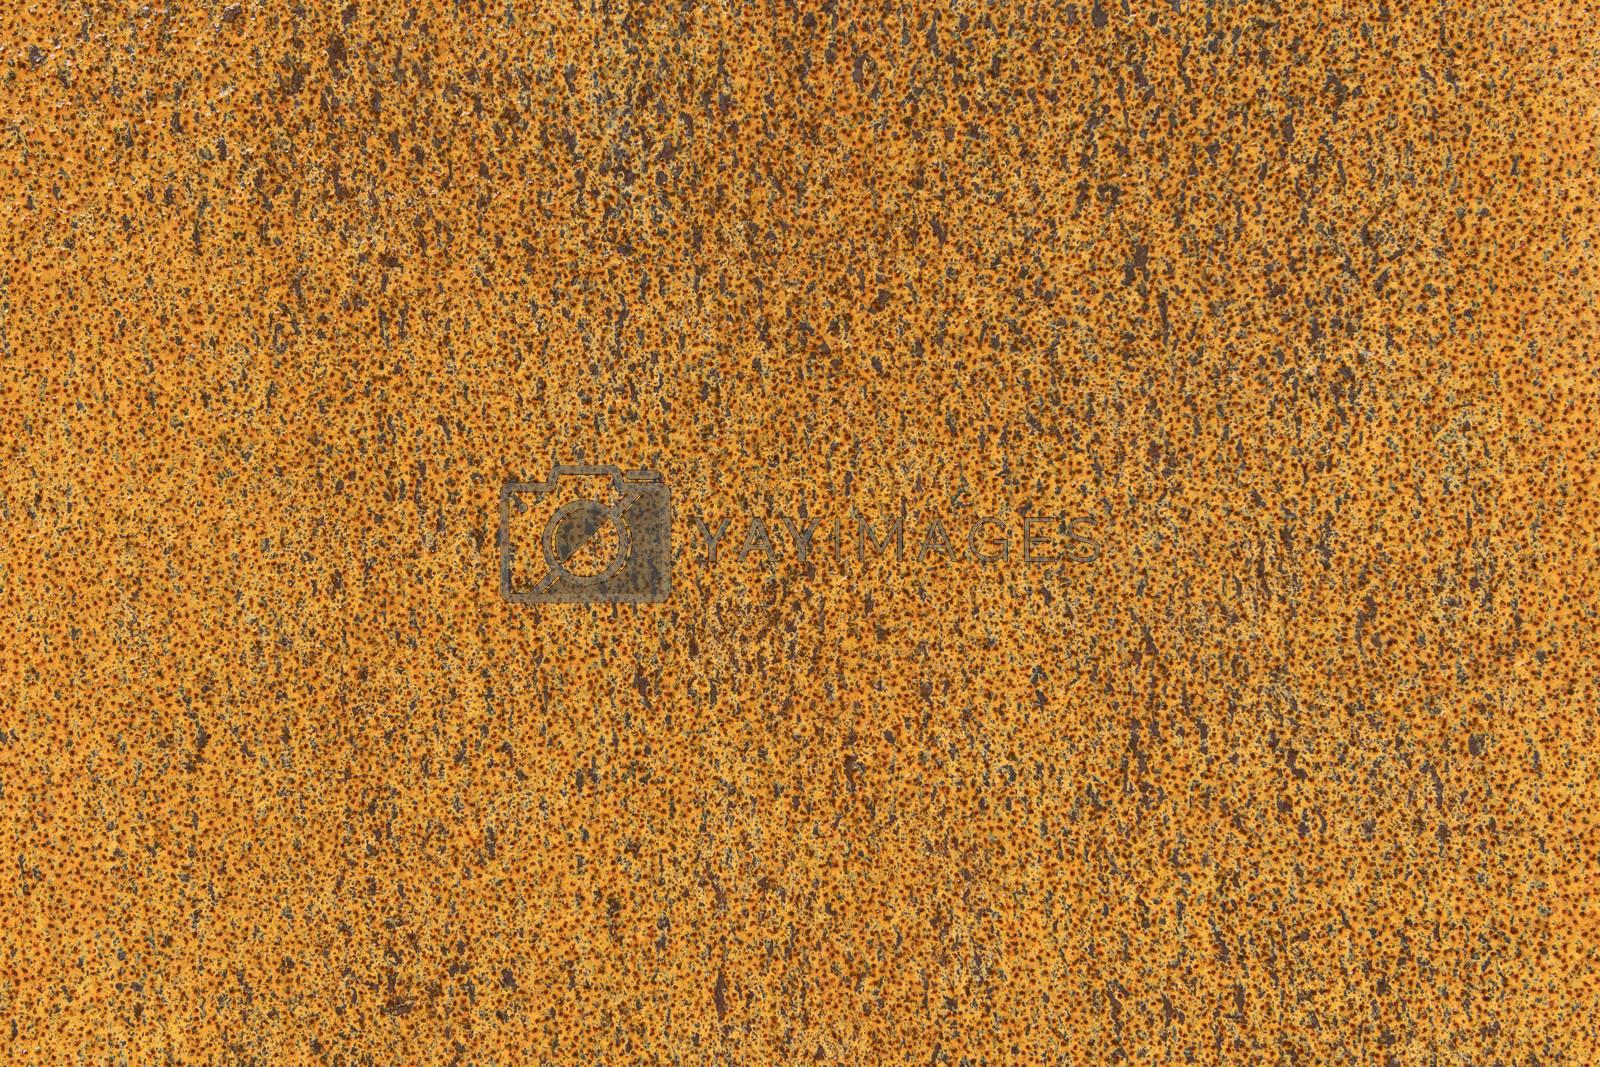 Rusty metal corten steel plate background picture